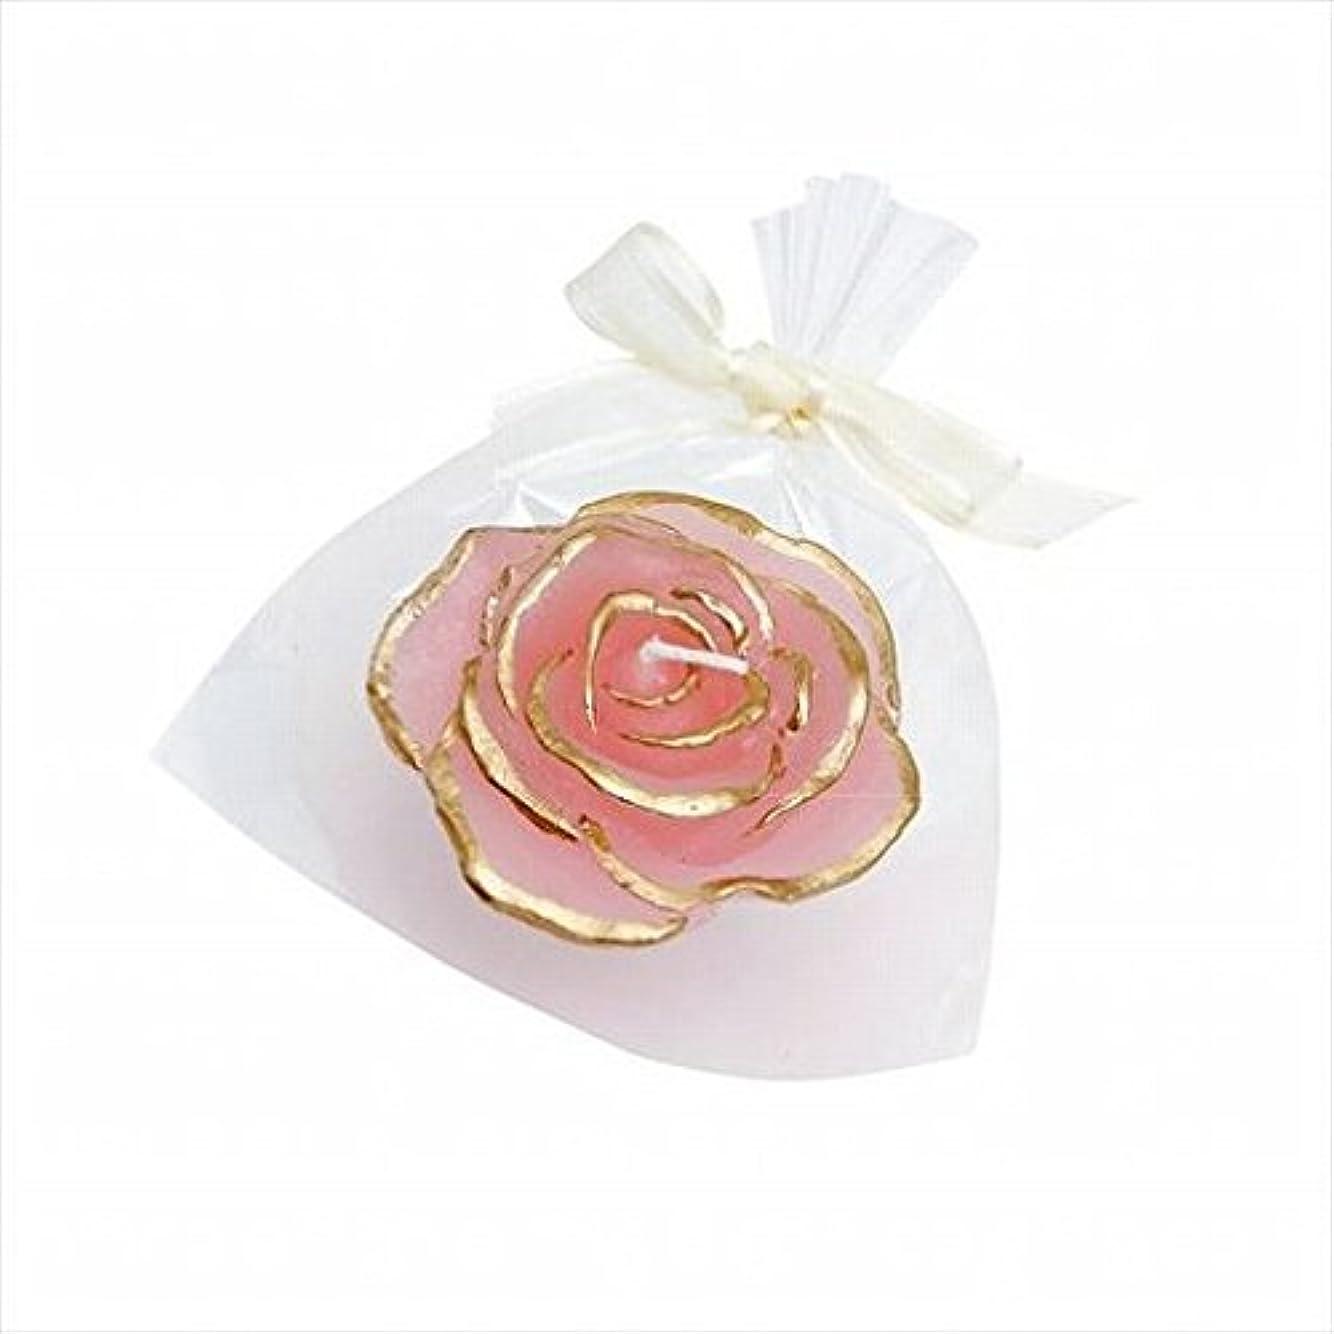 義務付けられた腹部囲まれたkameyama candle(カメヤマキャンドル) プリンセスローズ 「 ピンク 」(A6390500PK)